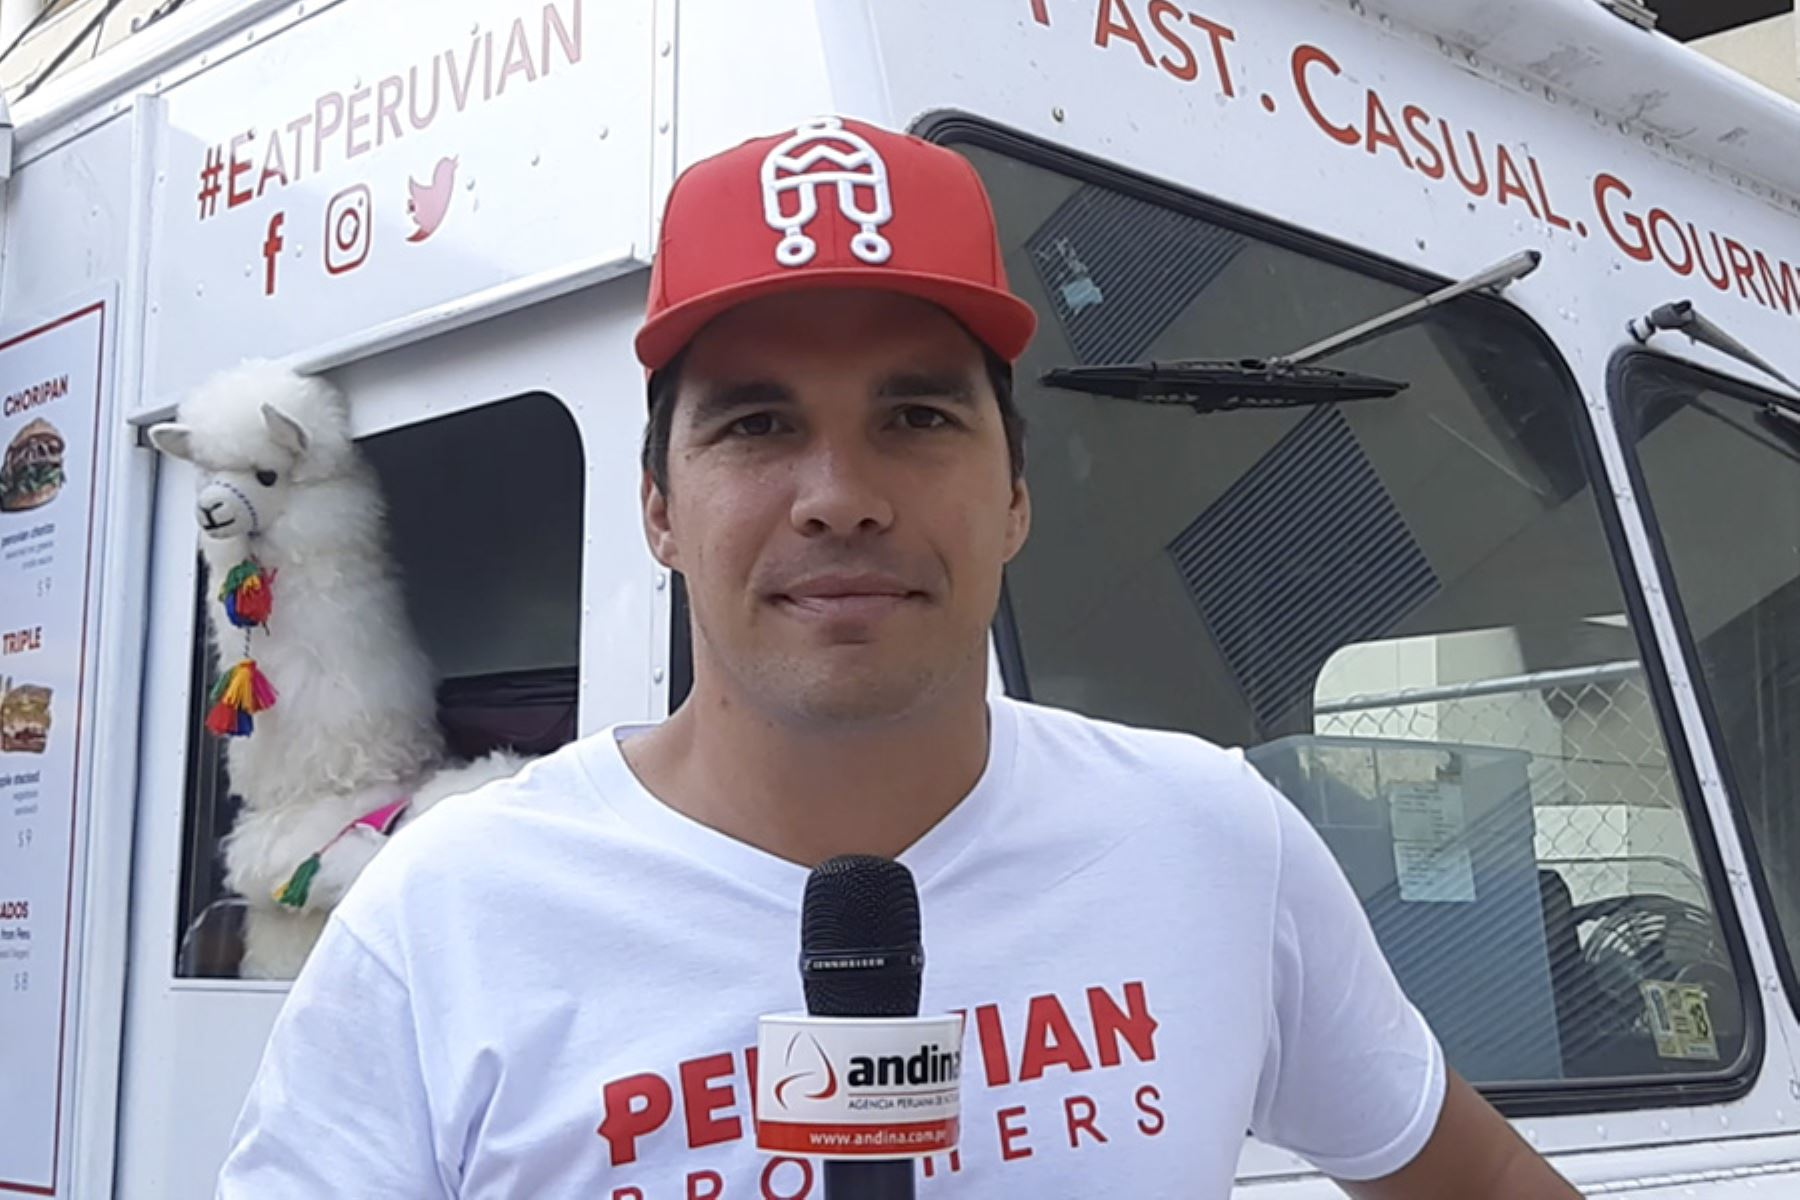 El food truck Peruvian Brothers fue representante de la delegación peruana en la Casa Perú en Austin, Texas. Foto: Andina